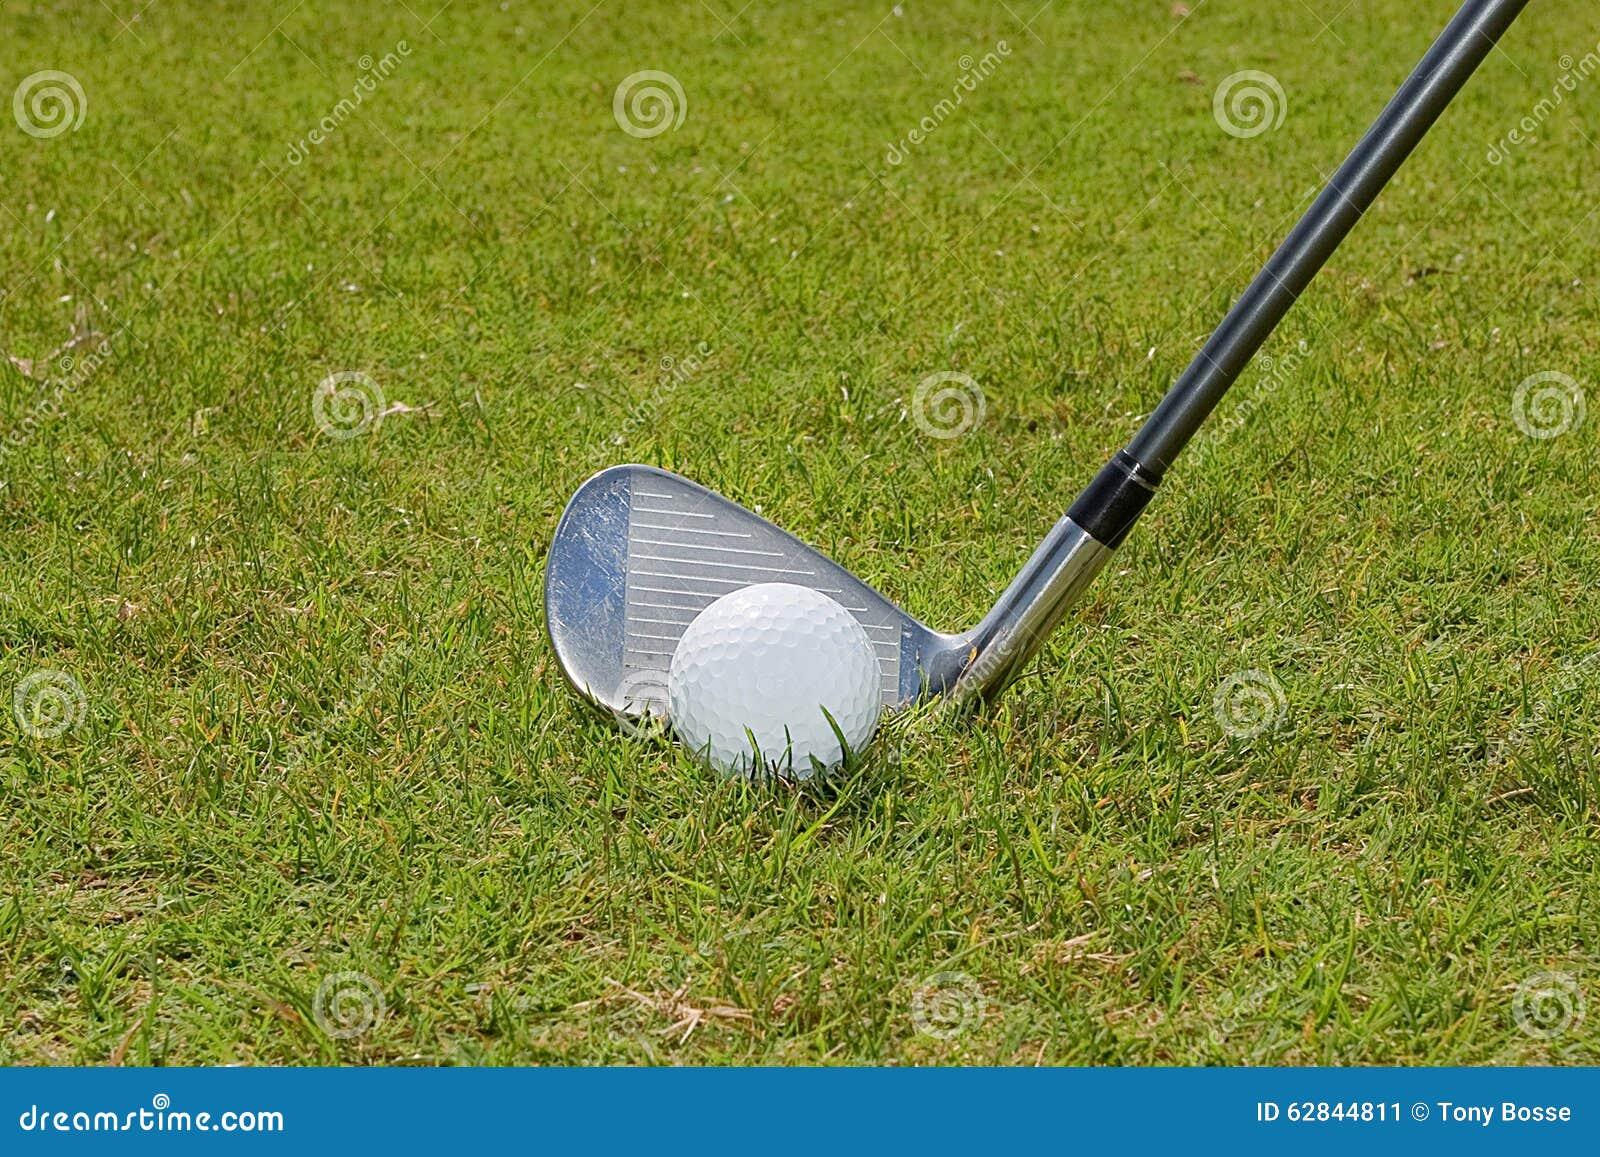 Шар для игры в гольф и гольф-клуб